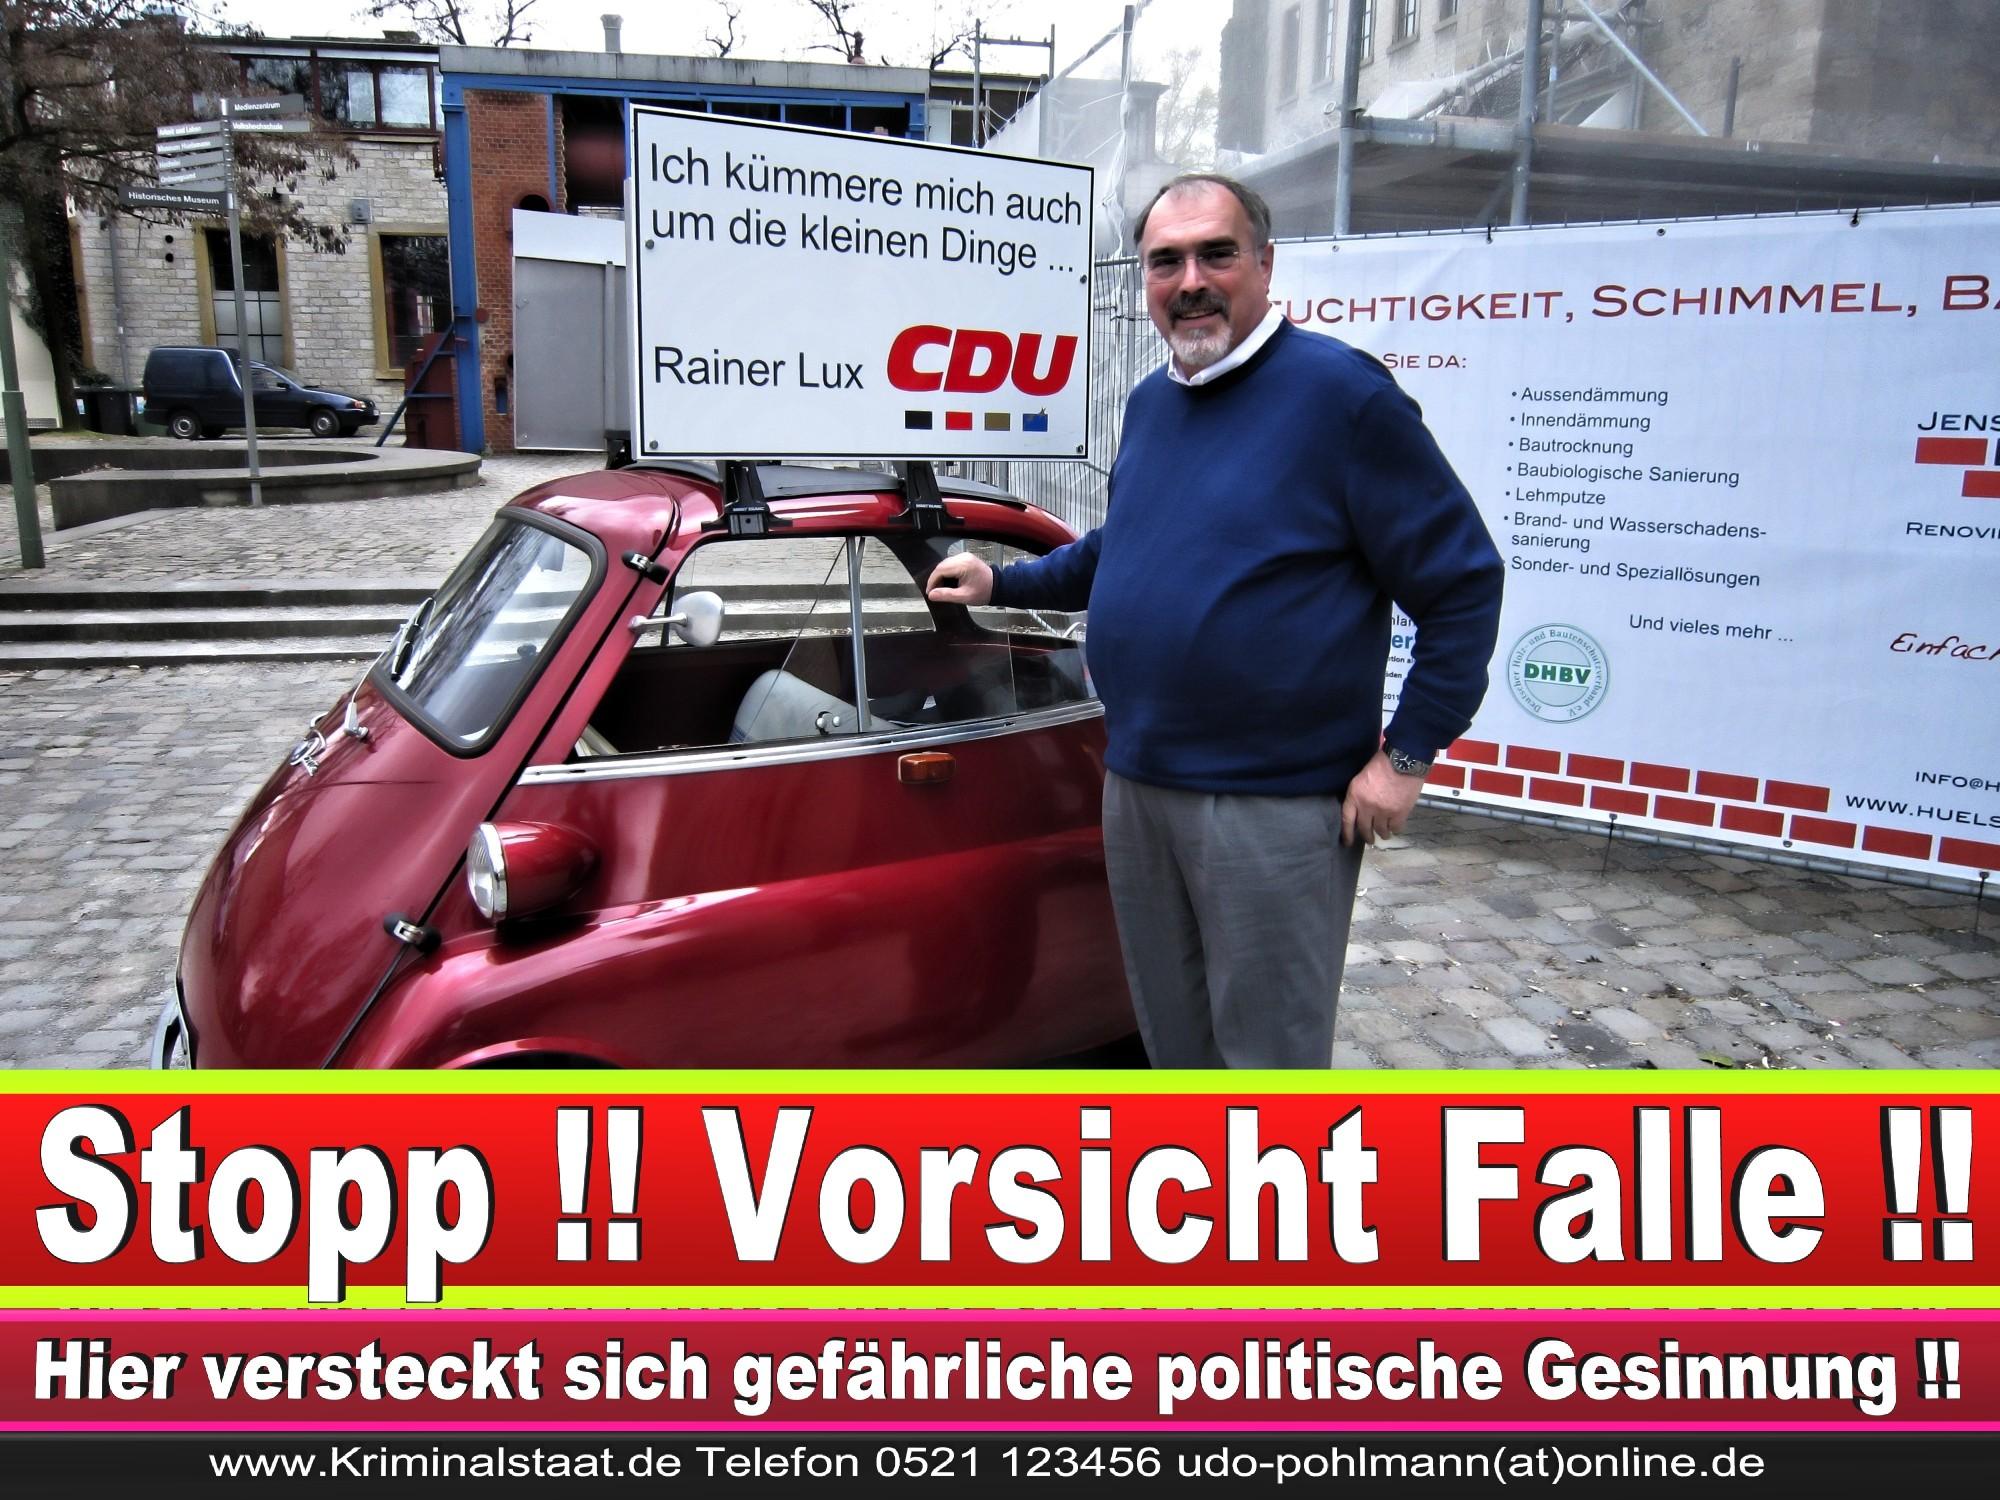 Wahlwerbung Wahlplakate Landtagswahl 2019 Europawahl CDU SPD FDP 2021 (5)